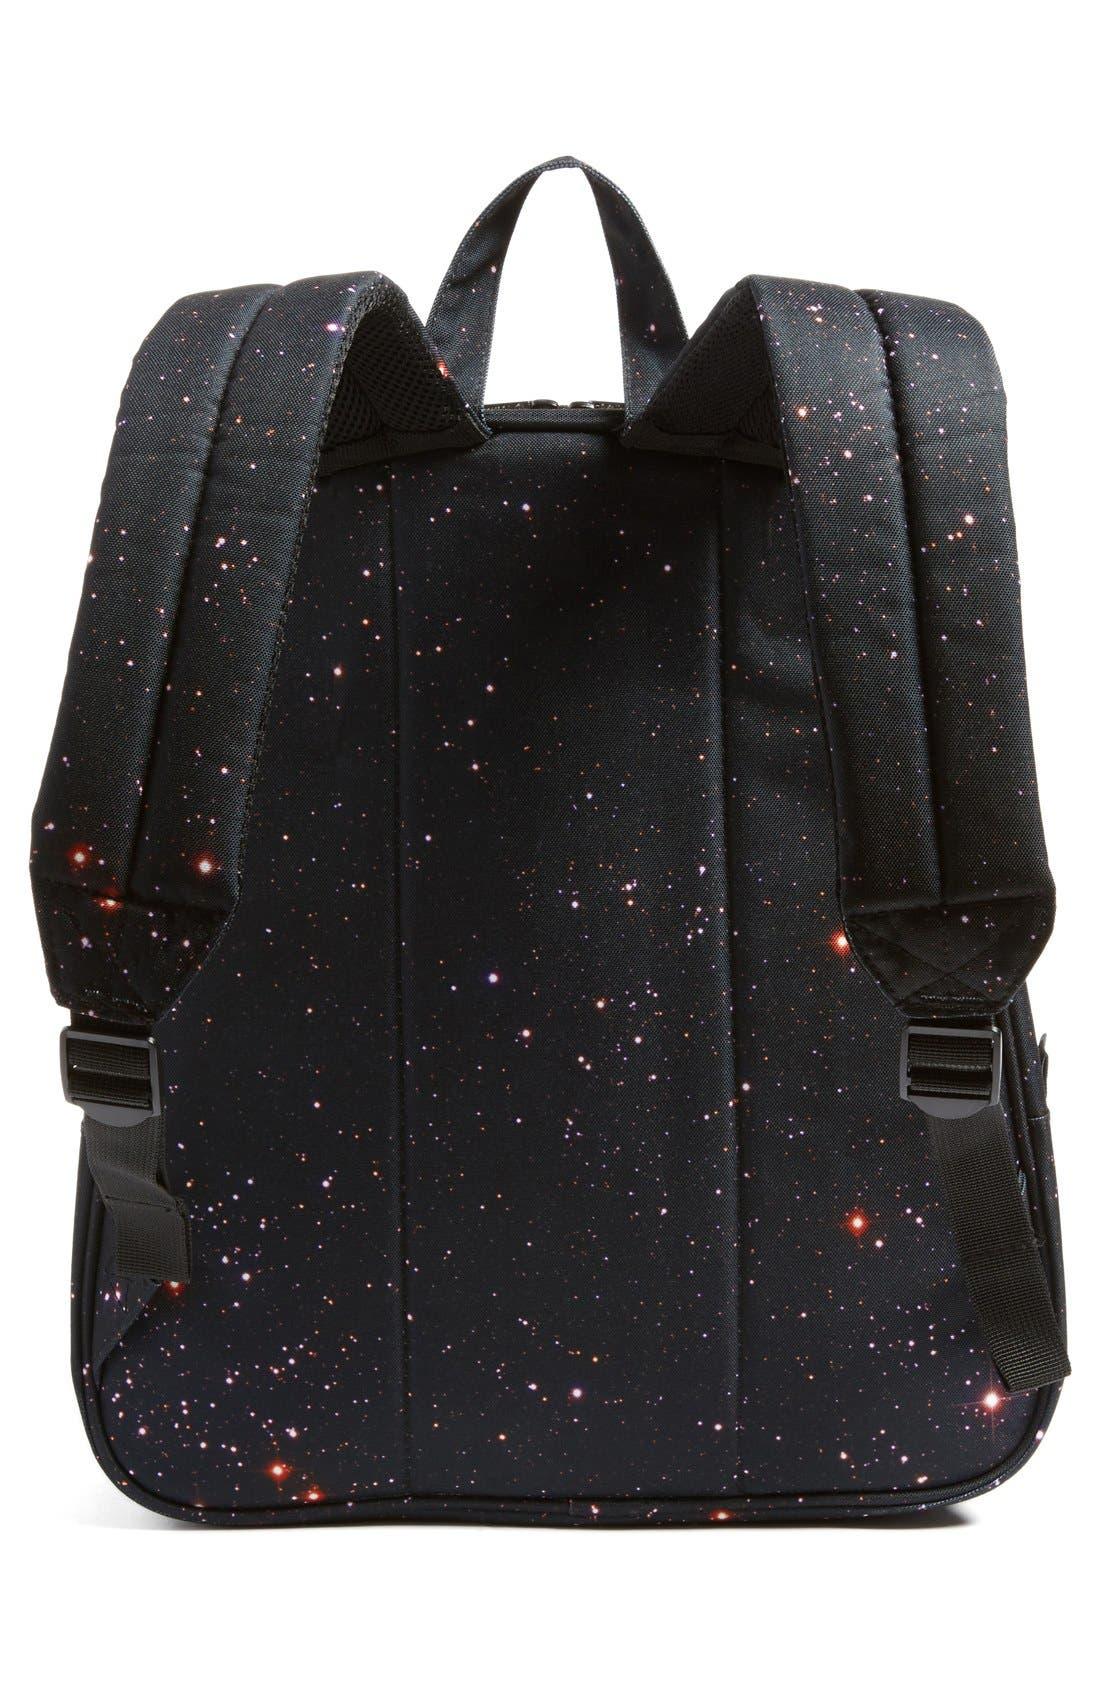 'Star Wars<sup>™</sup> - Darth Vader Galaxy' Backpack,                             Alternate thumbnail 3, color,                             001